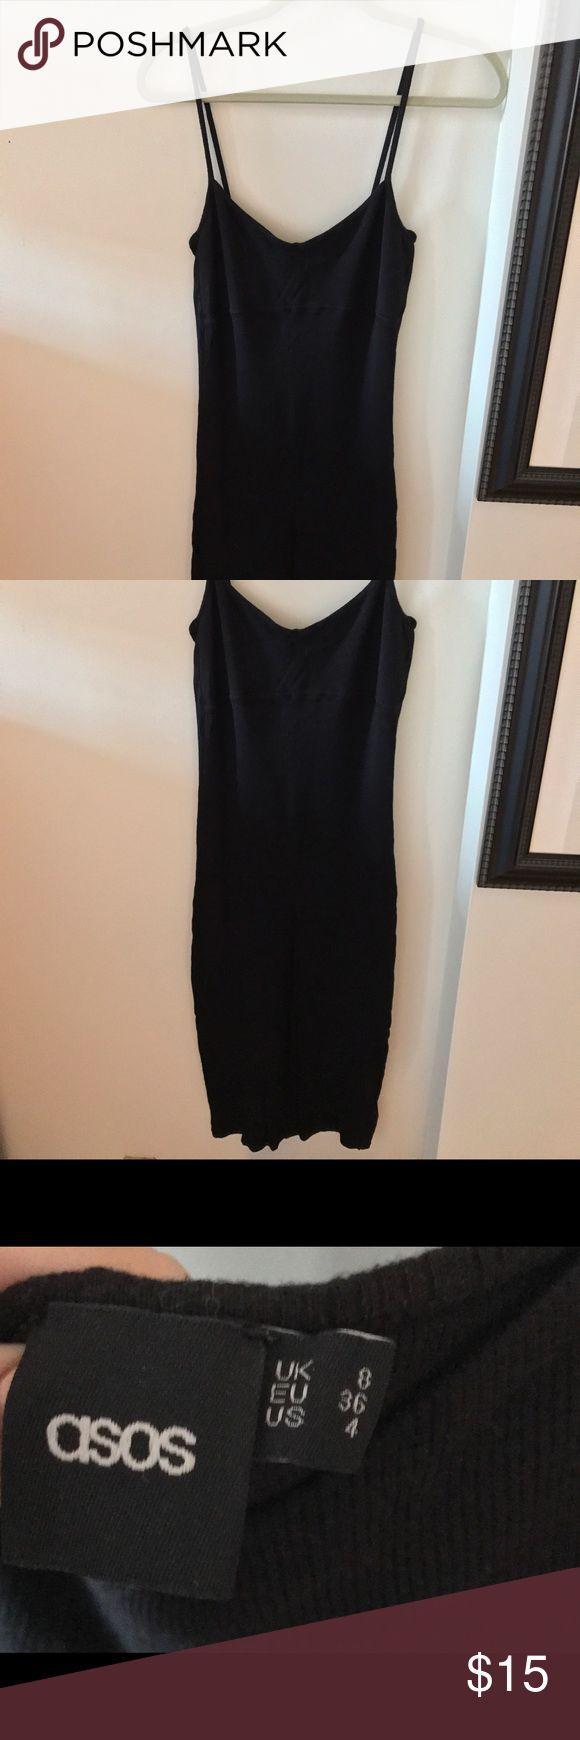 Bodycon black dress from asos Bodycon ribbed Asos black dress ASOS Dresses Midi